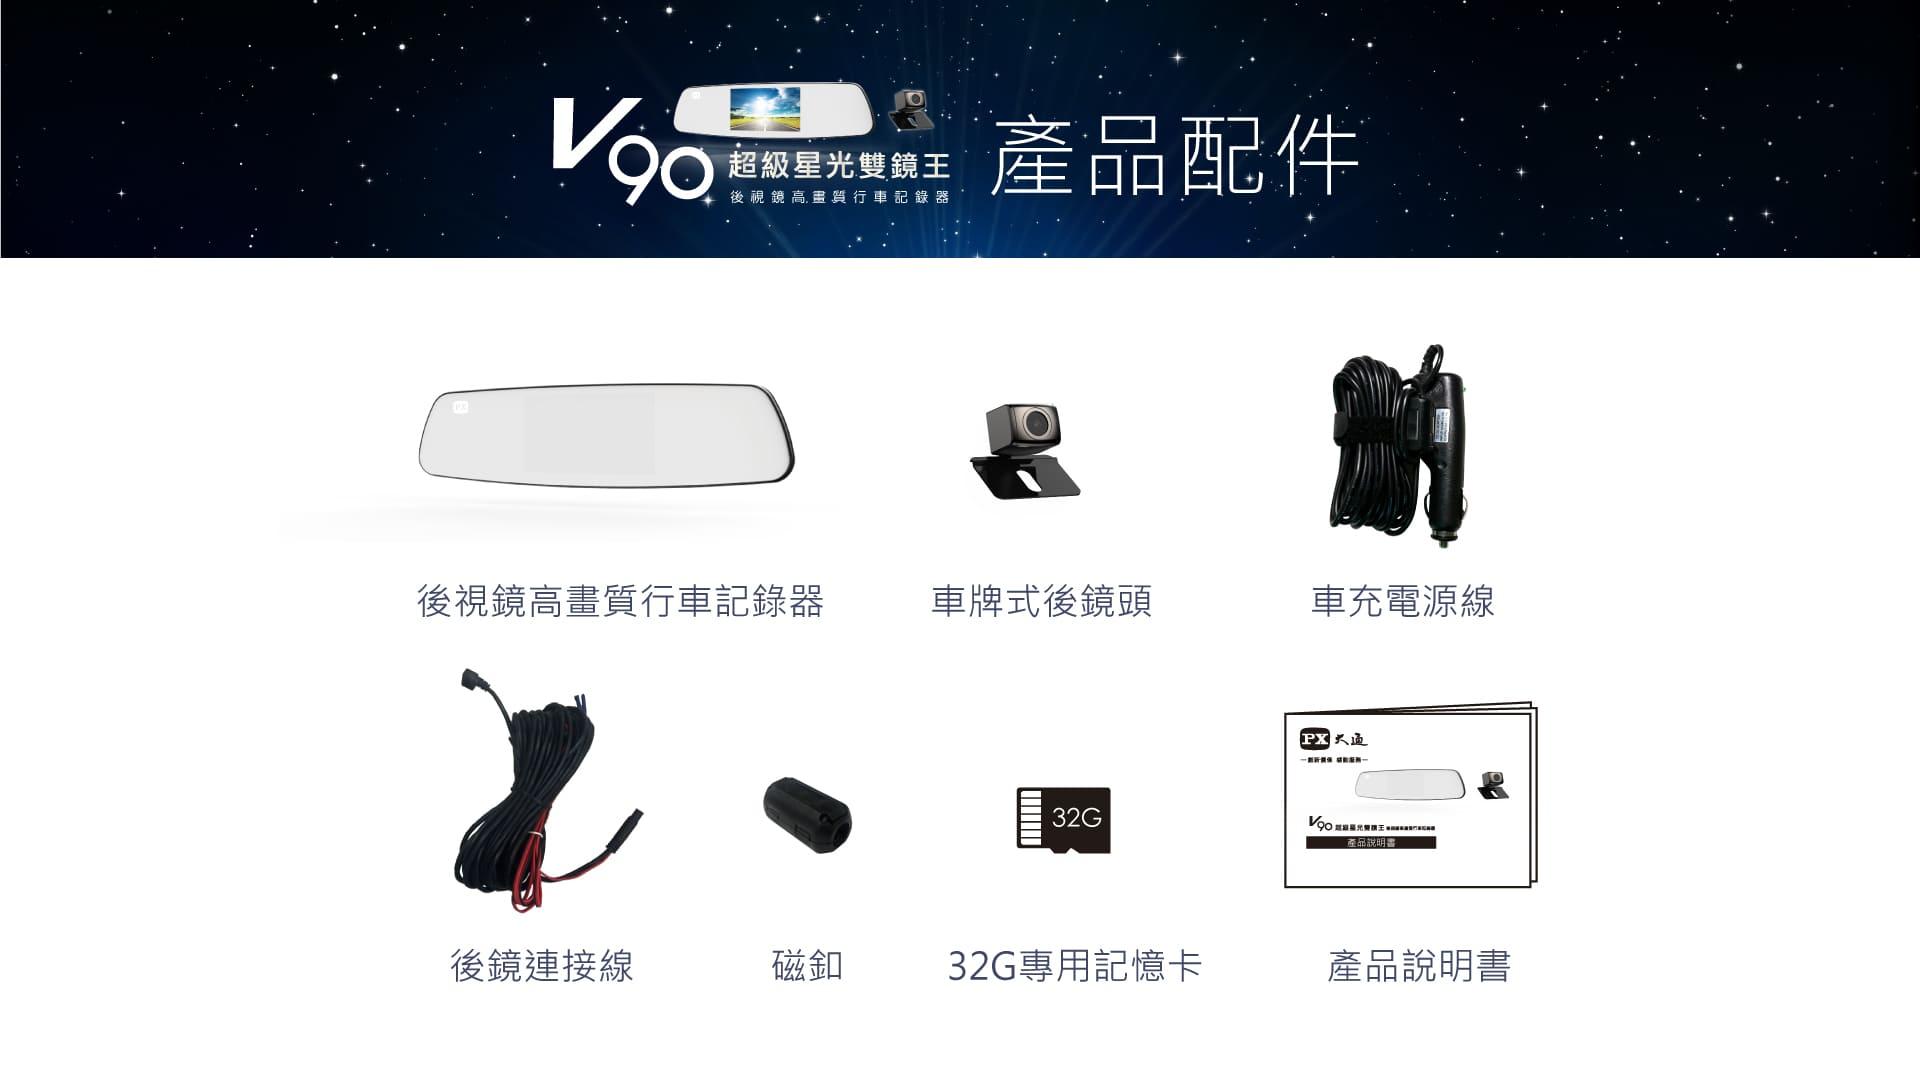 proimages/product/Dash_Cam/V90/V90-0928_17.jpg